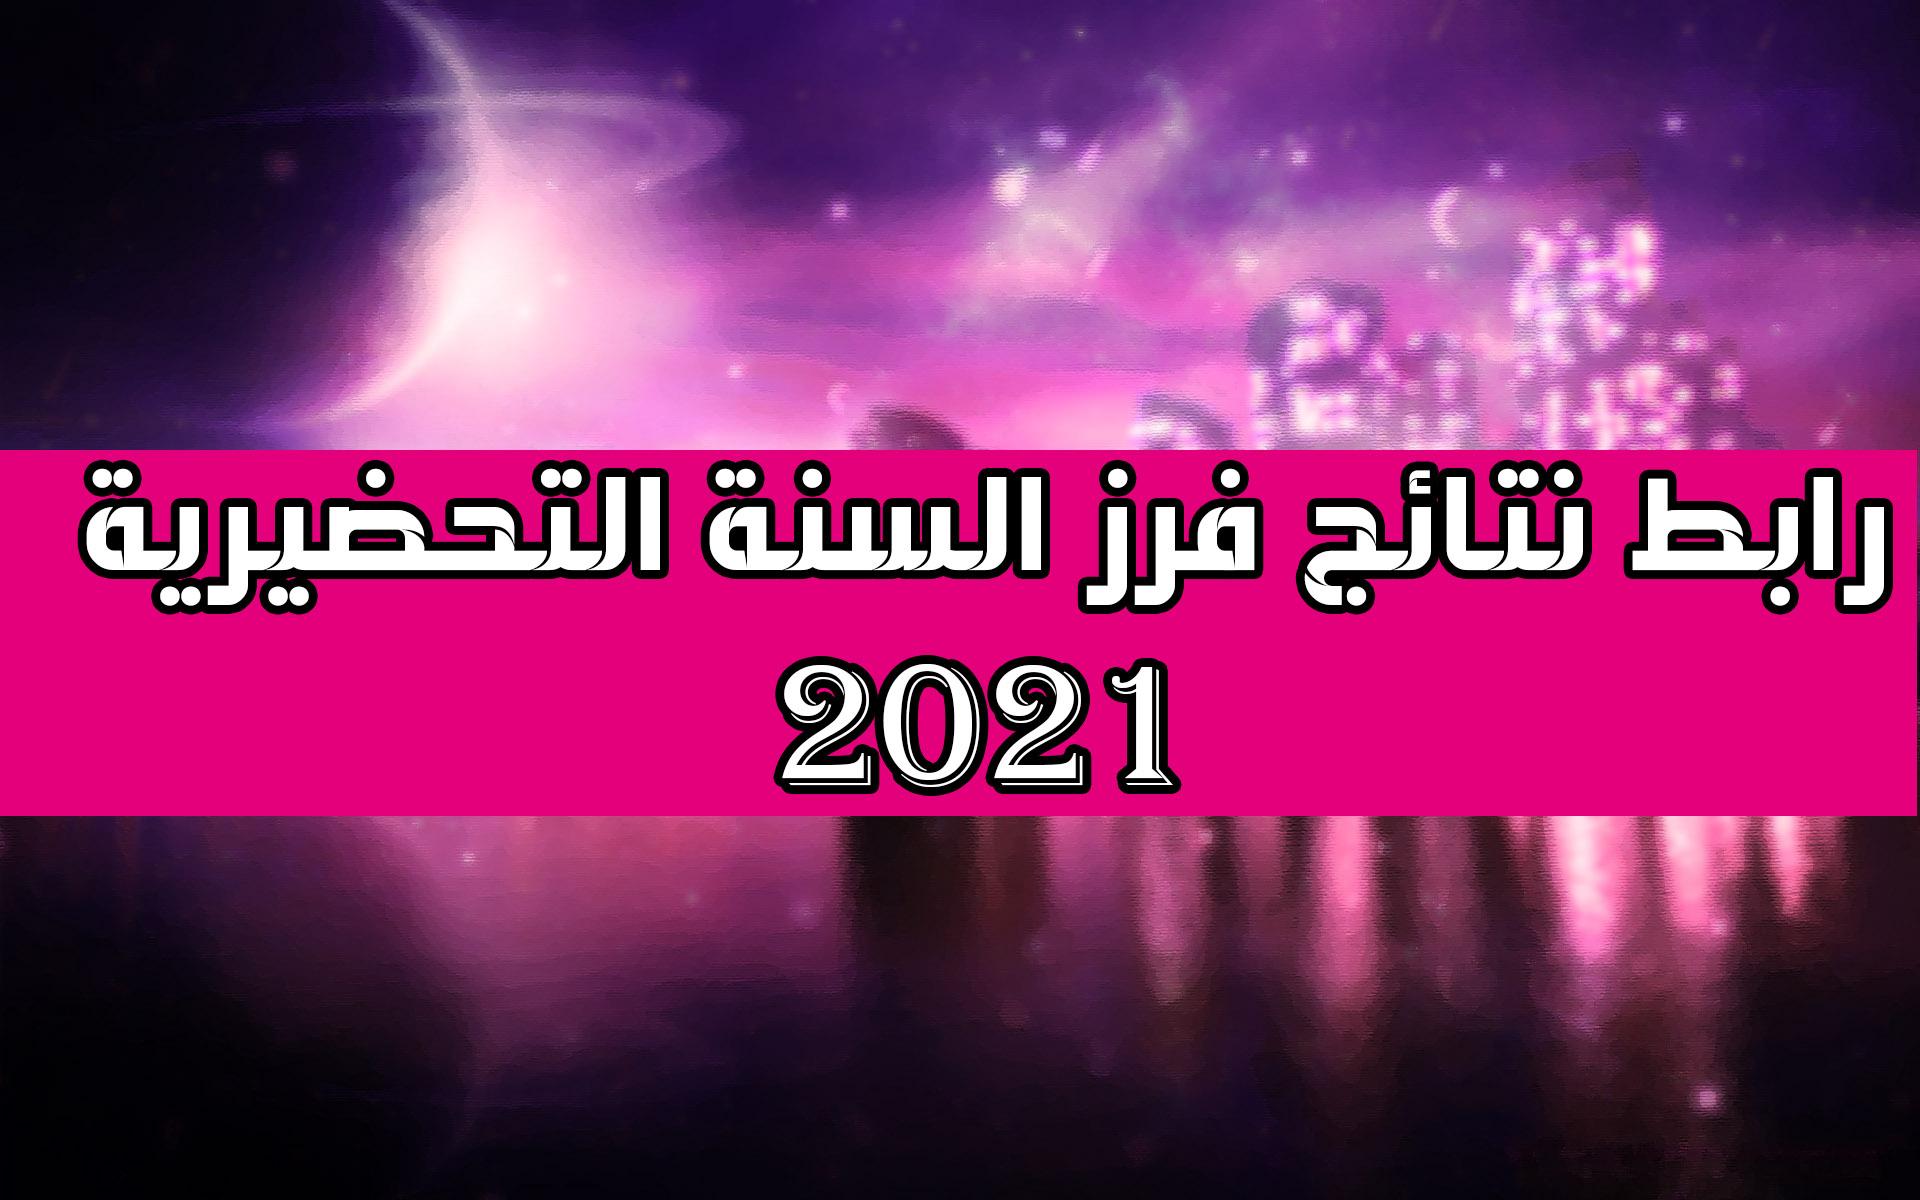 رابط نتائج فرز السنة التحضيرية 2021 للكليات الطبية في سوريا والاستعلام عنها عبر موقع وزارة التعليم العالي